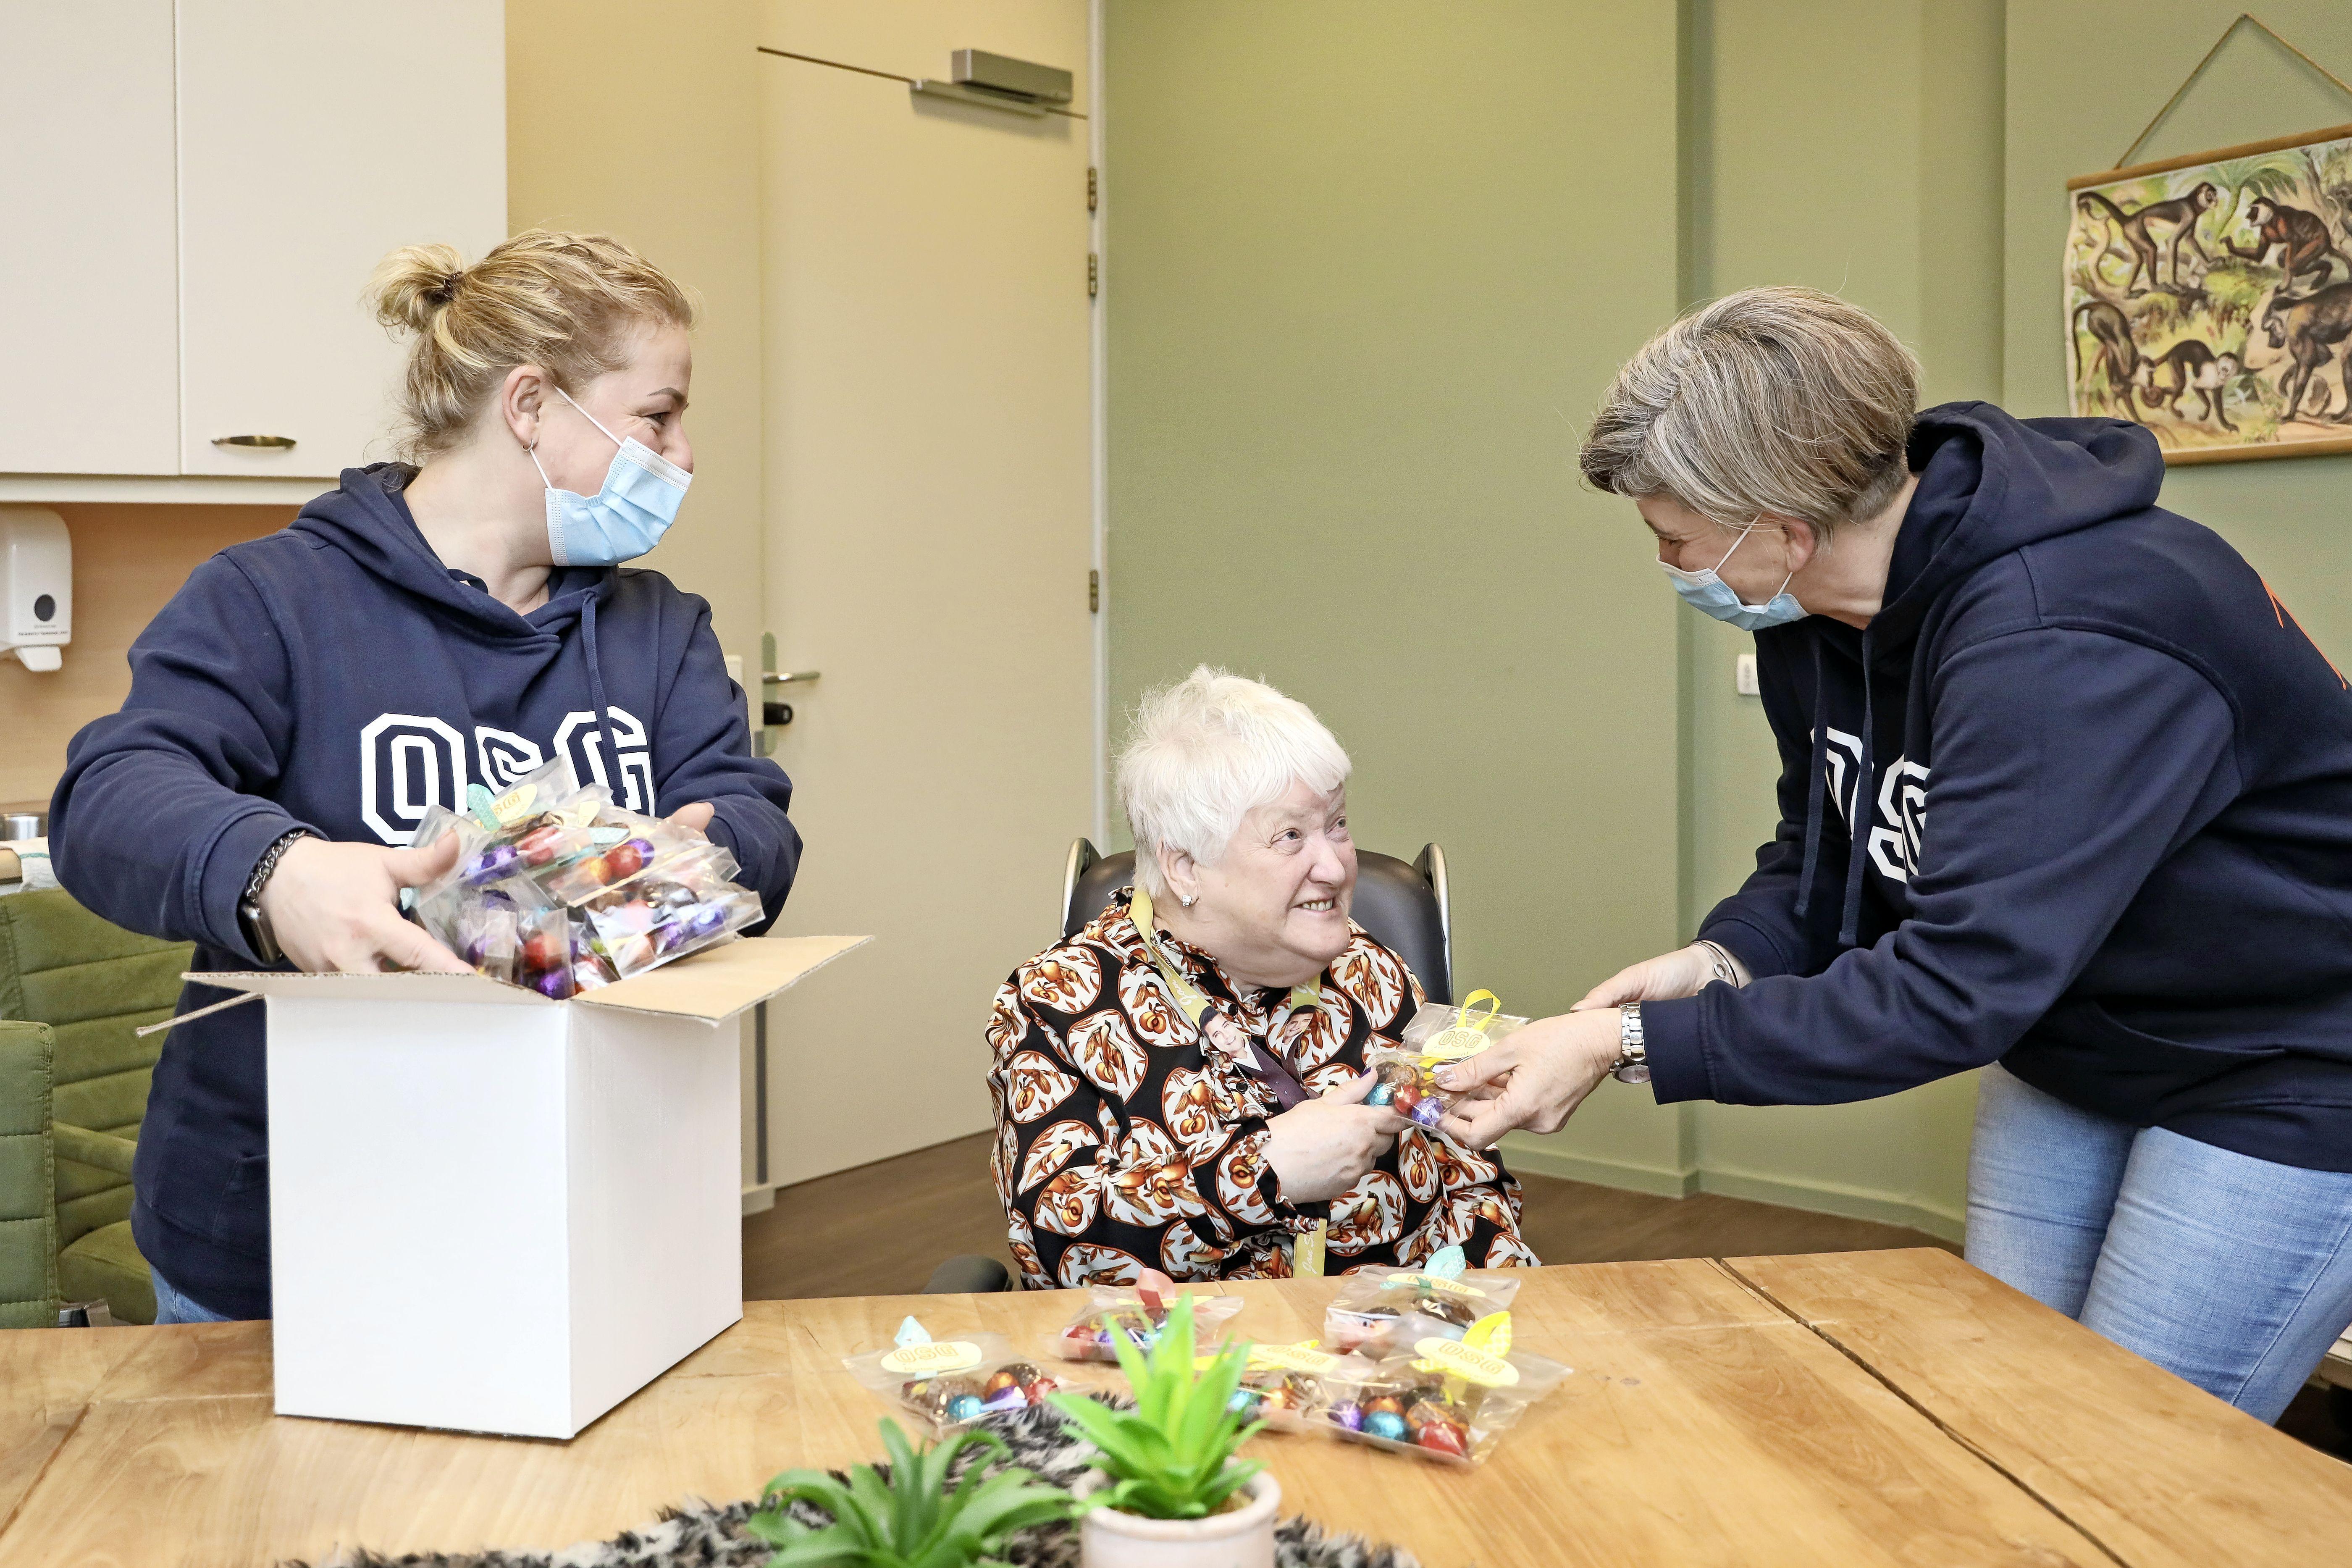 'Of die chocoladekip smaakt? Nou!' Bewoners vier zorgcentra in Hoorn door OSG West-Friesland verrast met paastraktatie